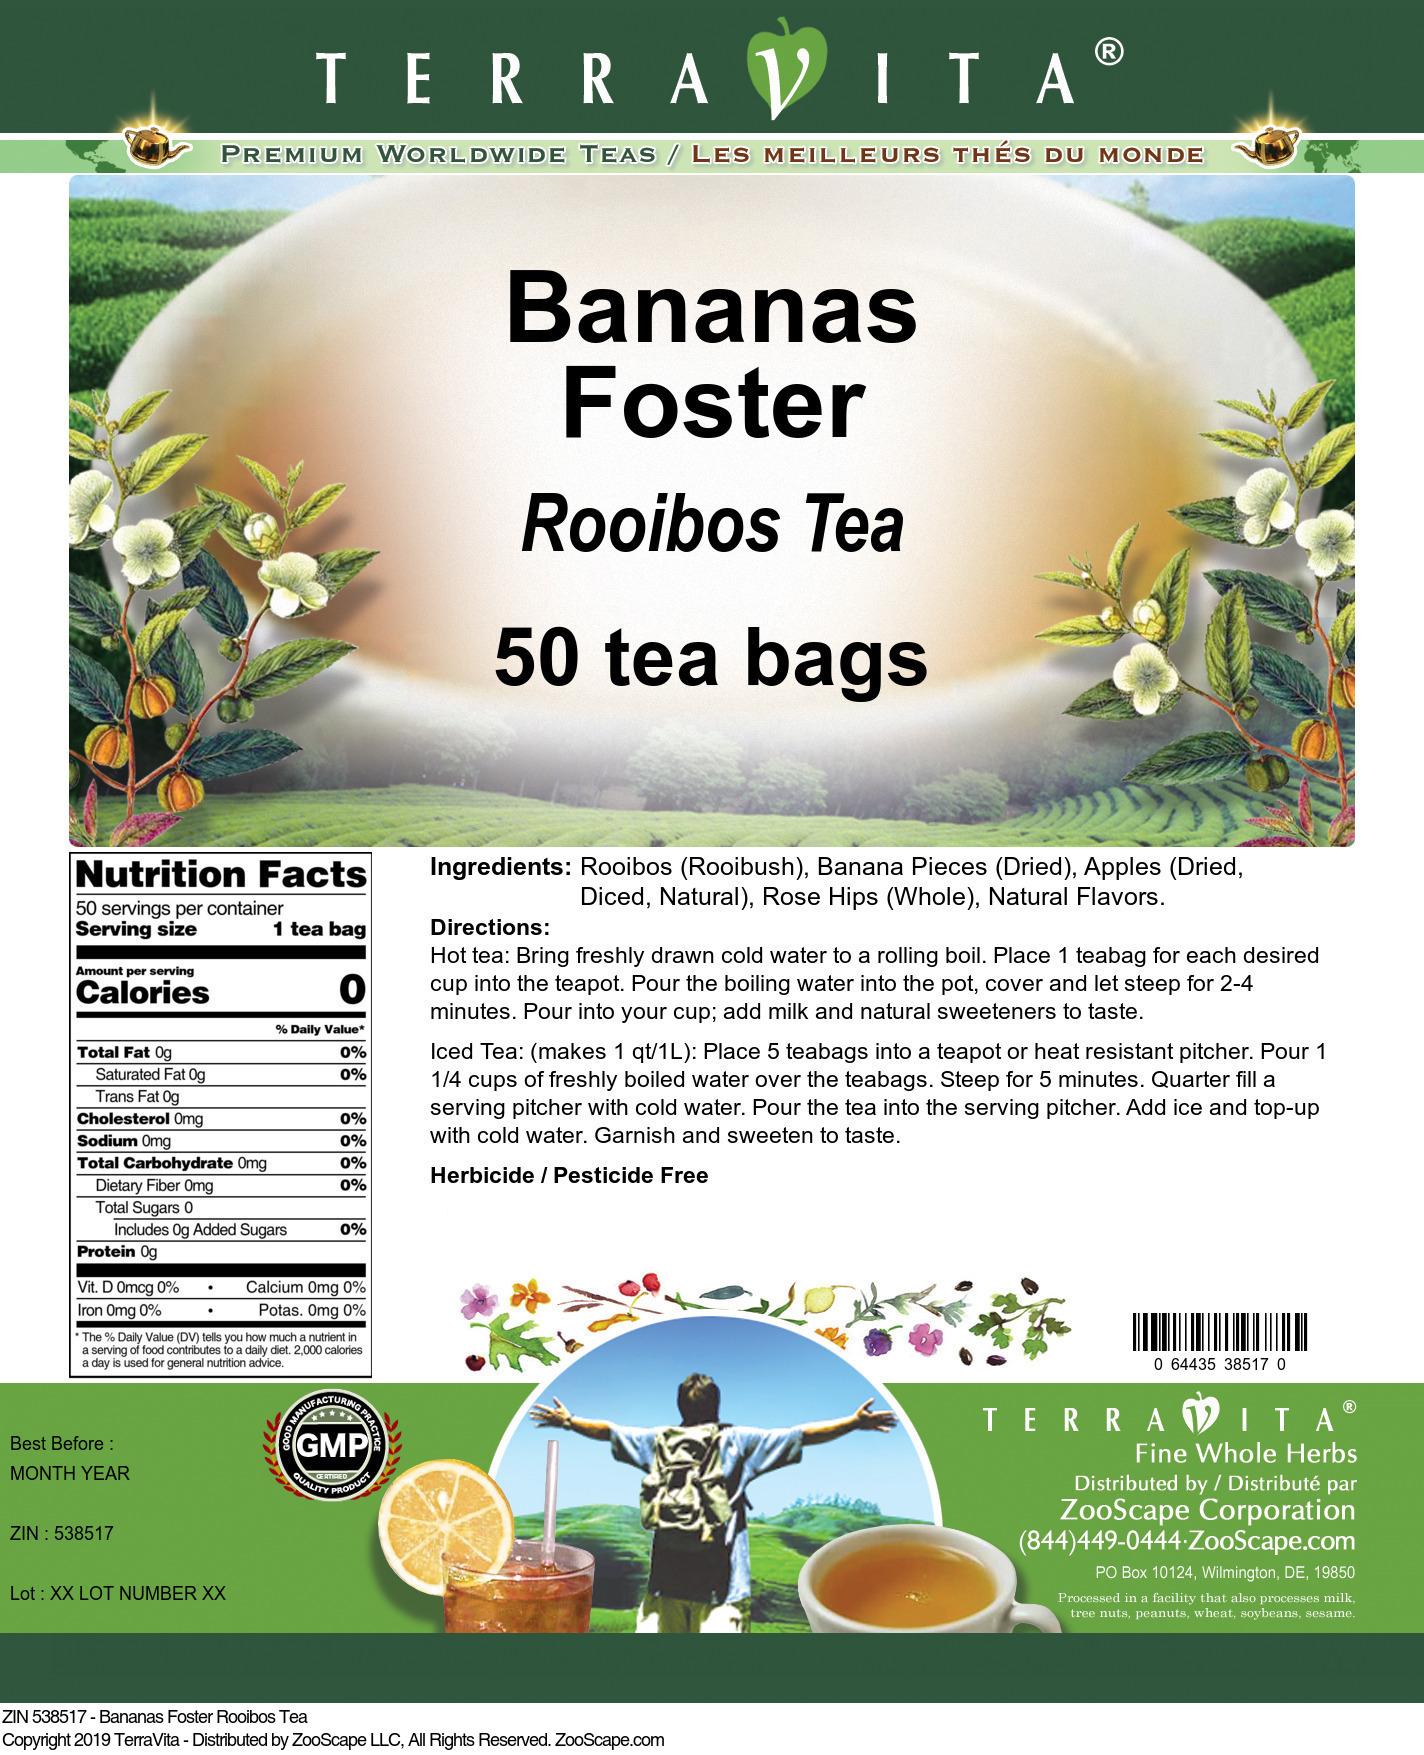 Bananas Foster Rooibos Tea